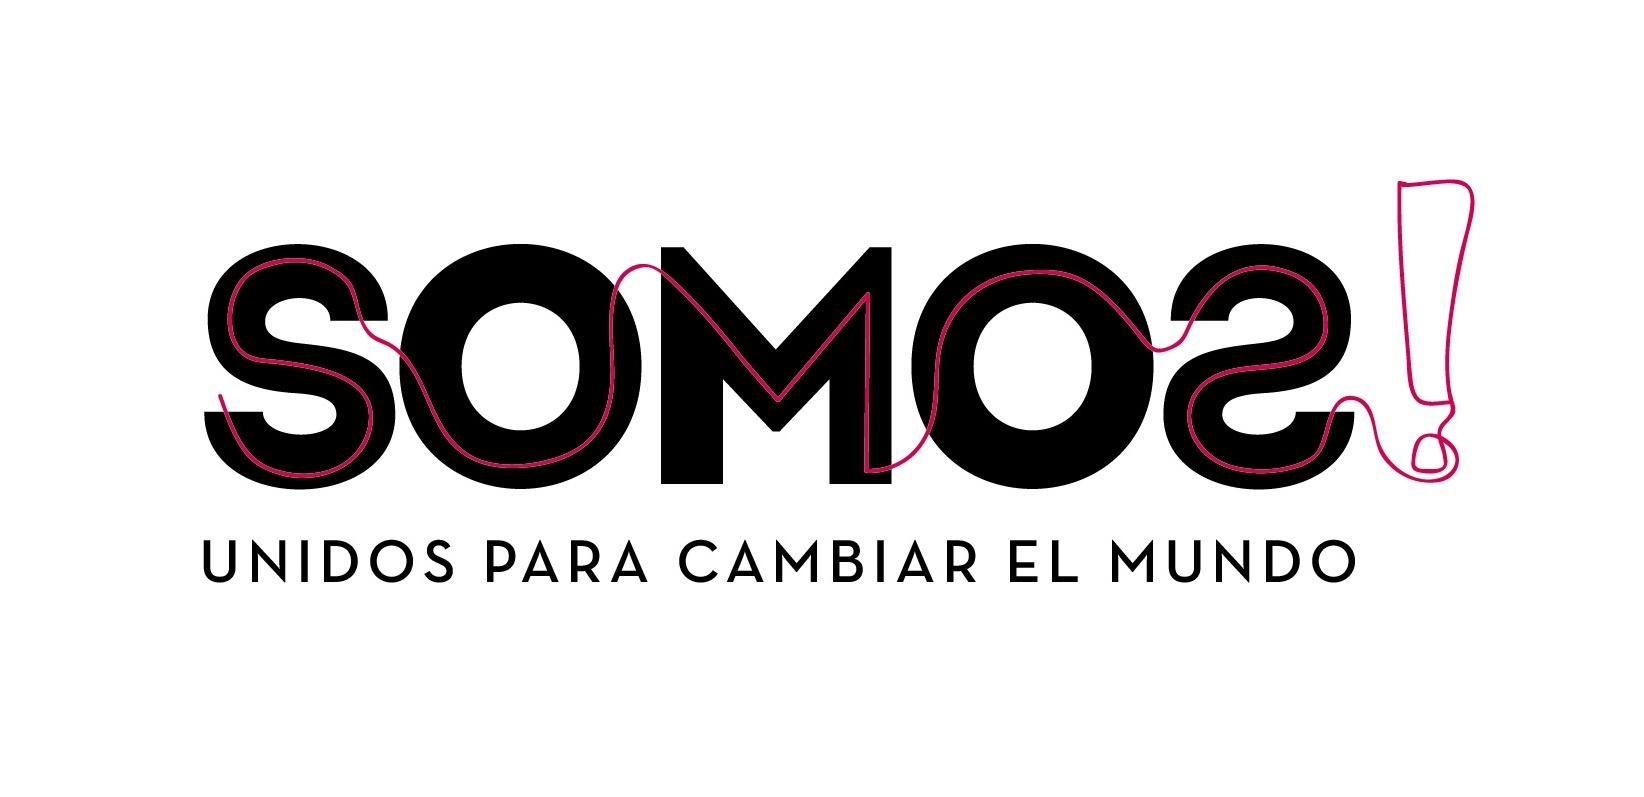 La campaña »SOMOS» reúne a 25 ONG para fomentar una cultura de «compromiso constante» por parte de los españoles